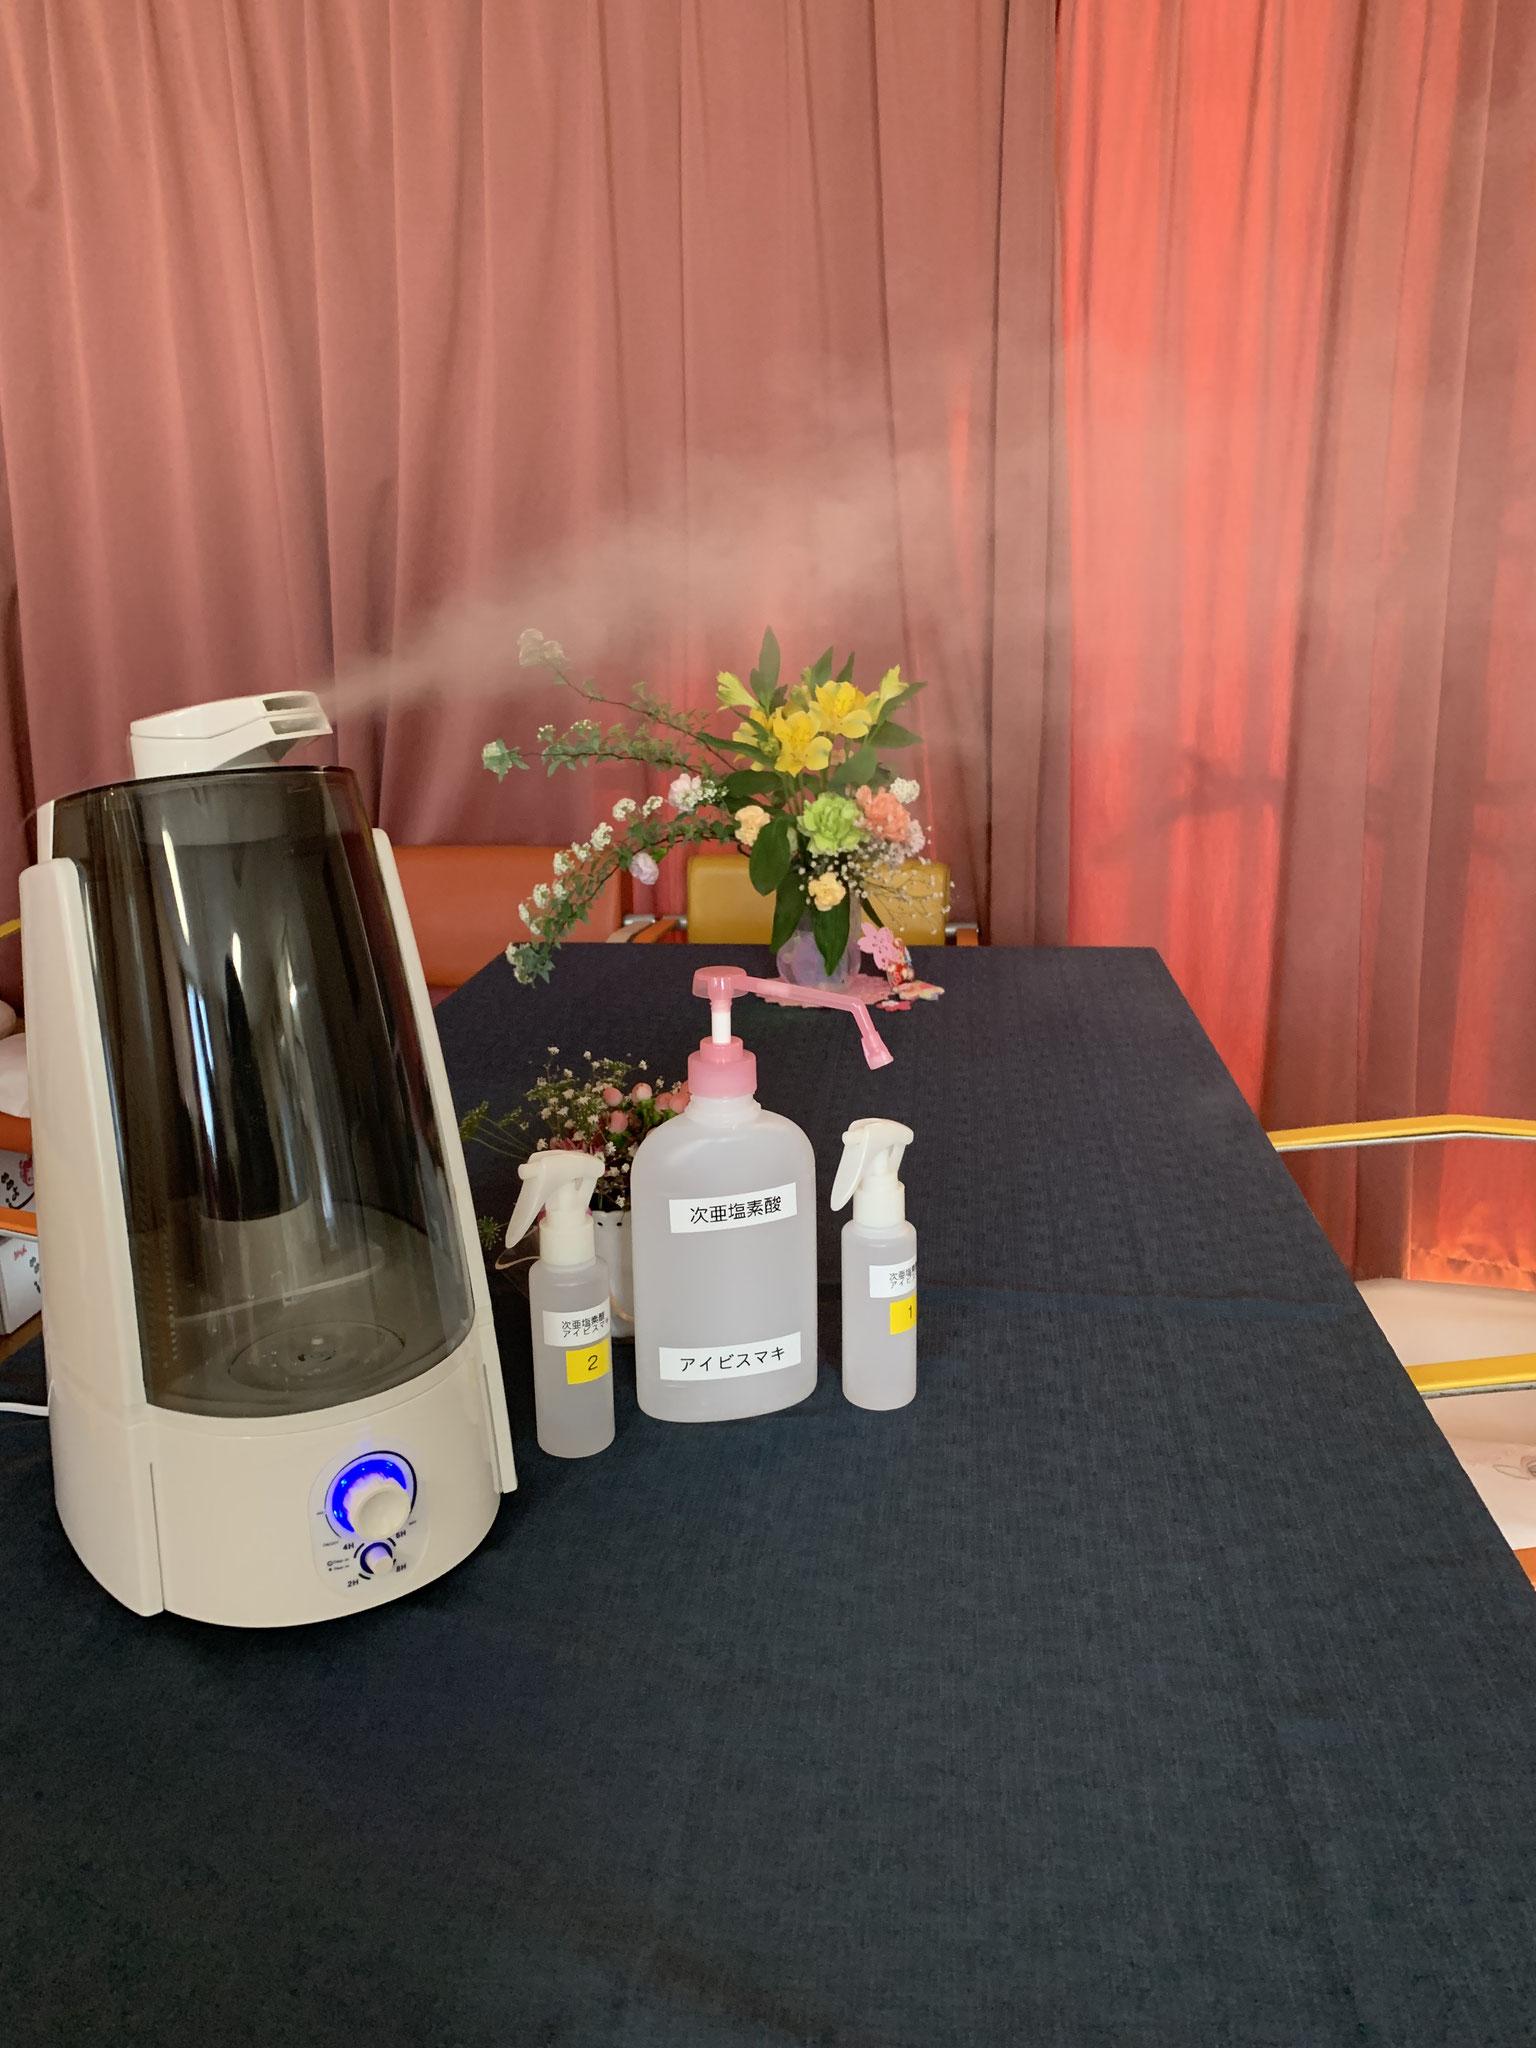 5階厨房、レストランでは噴霧器での除菌と調理前、患者様のお食事前に使用いたします。